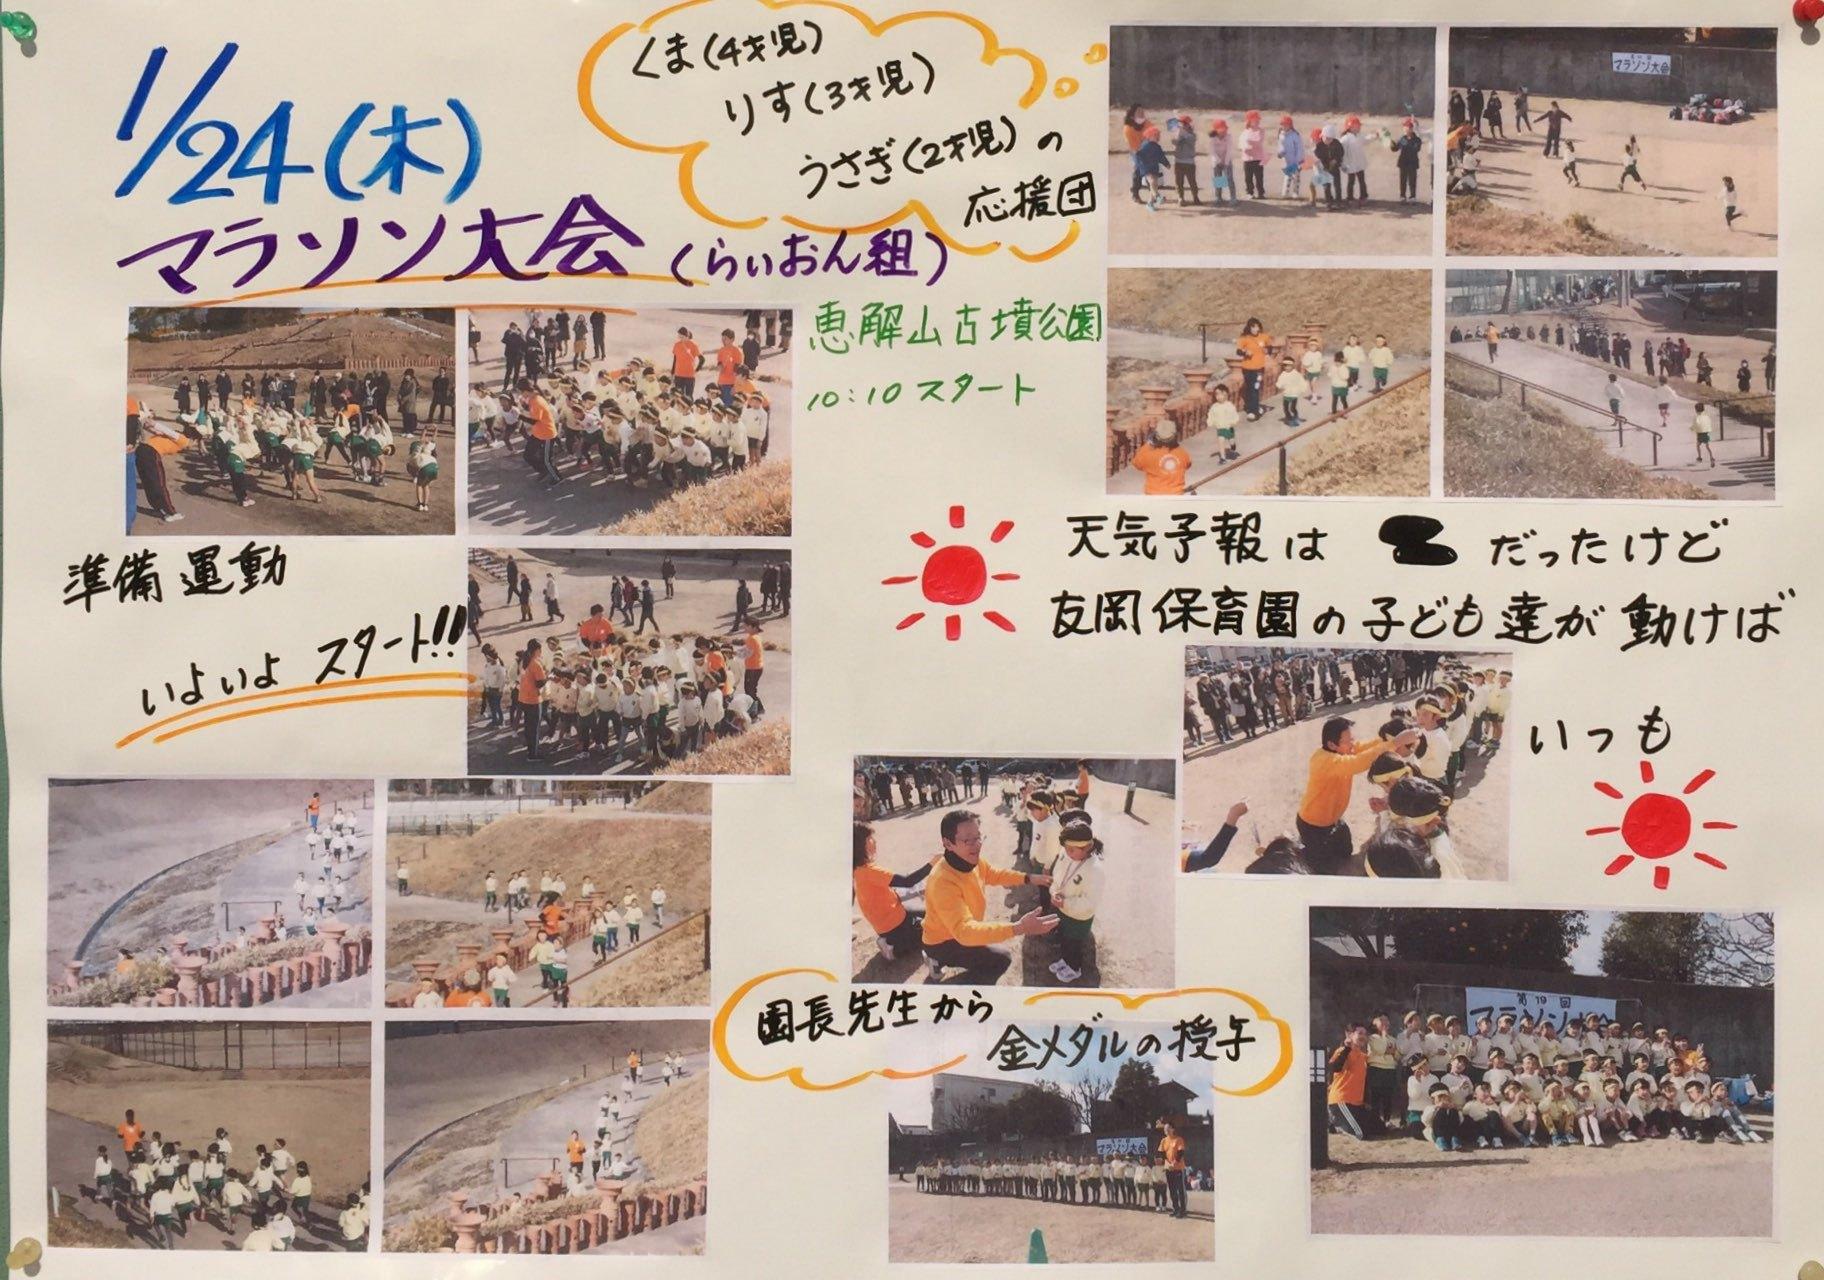 マラソン大会_1